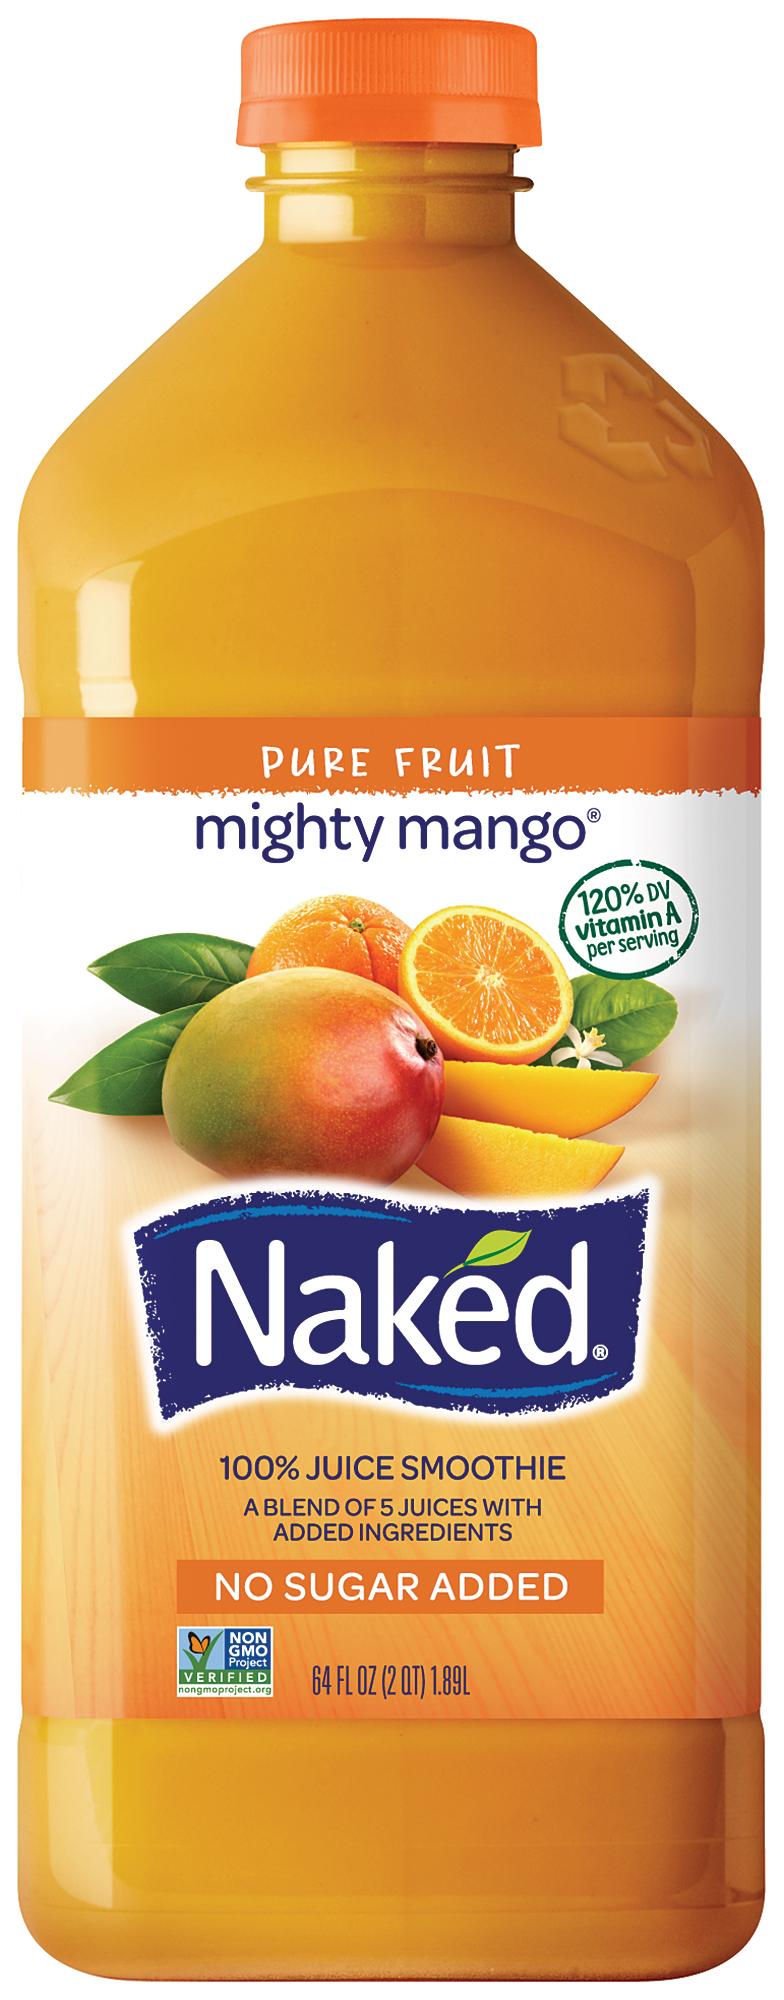 Naked Juice Might Mango 100 Juice Smoothie 64 fl oz